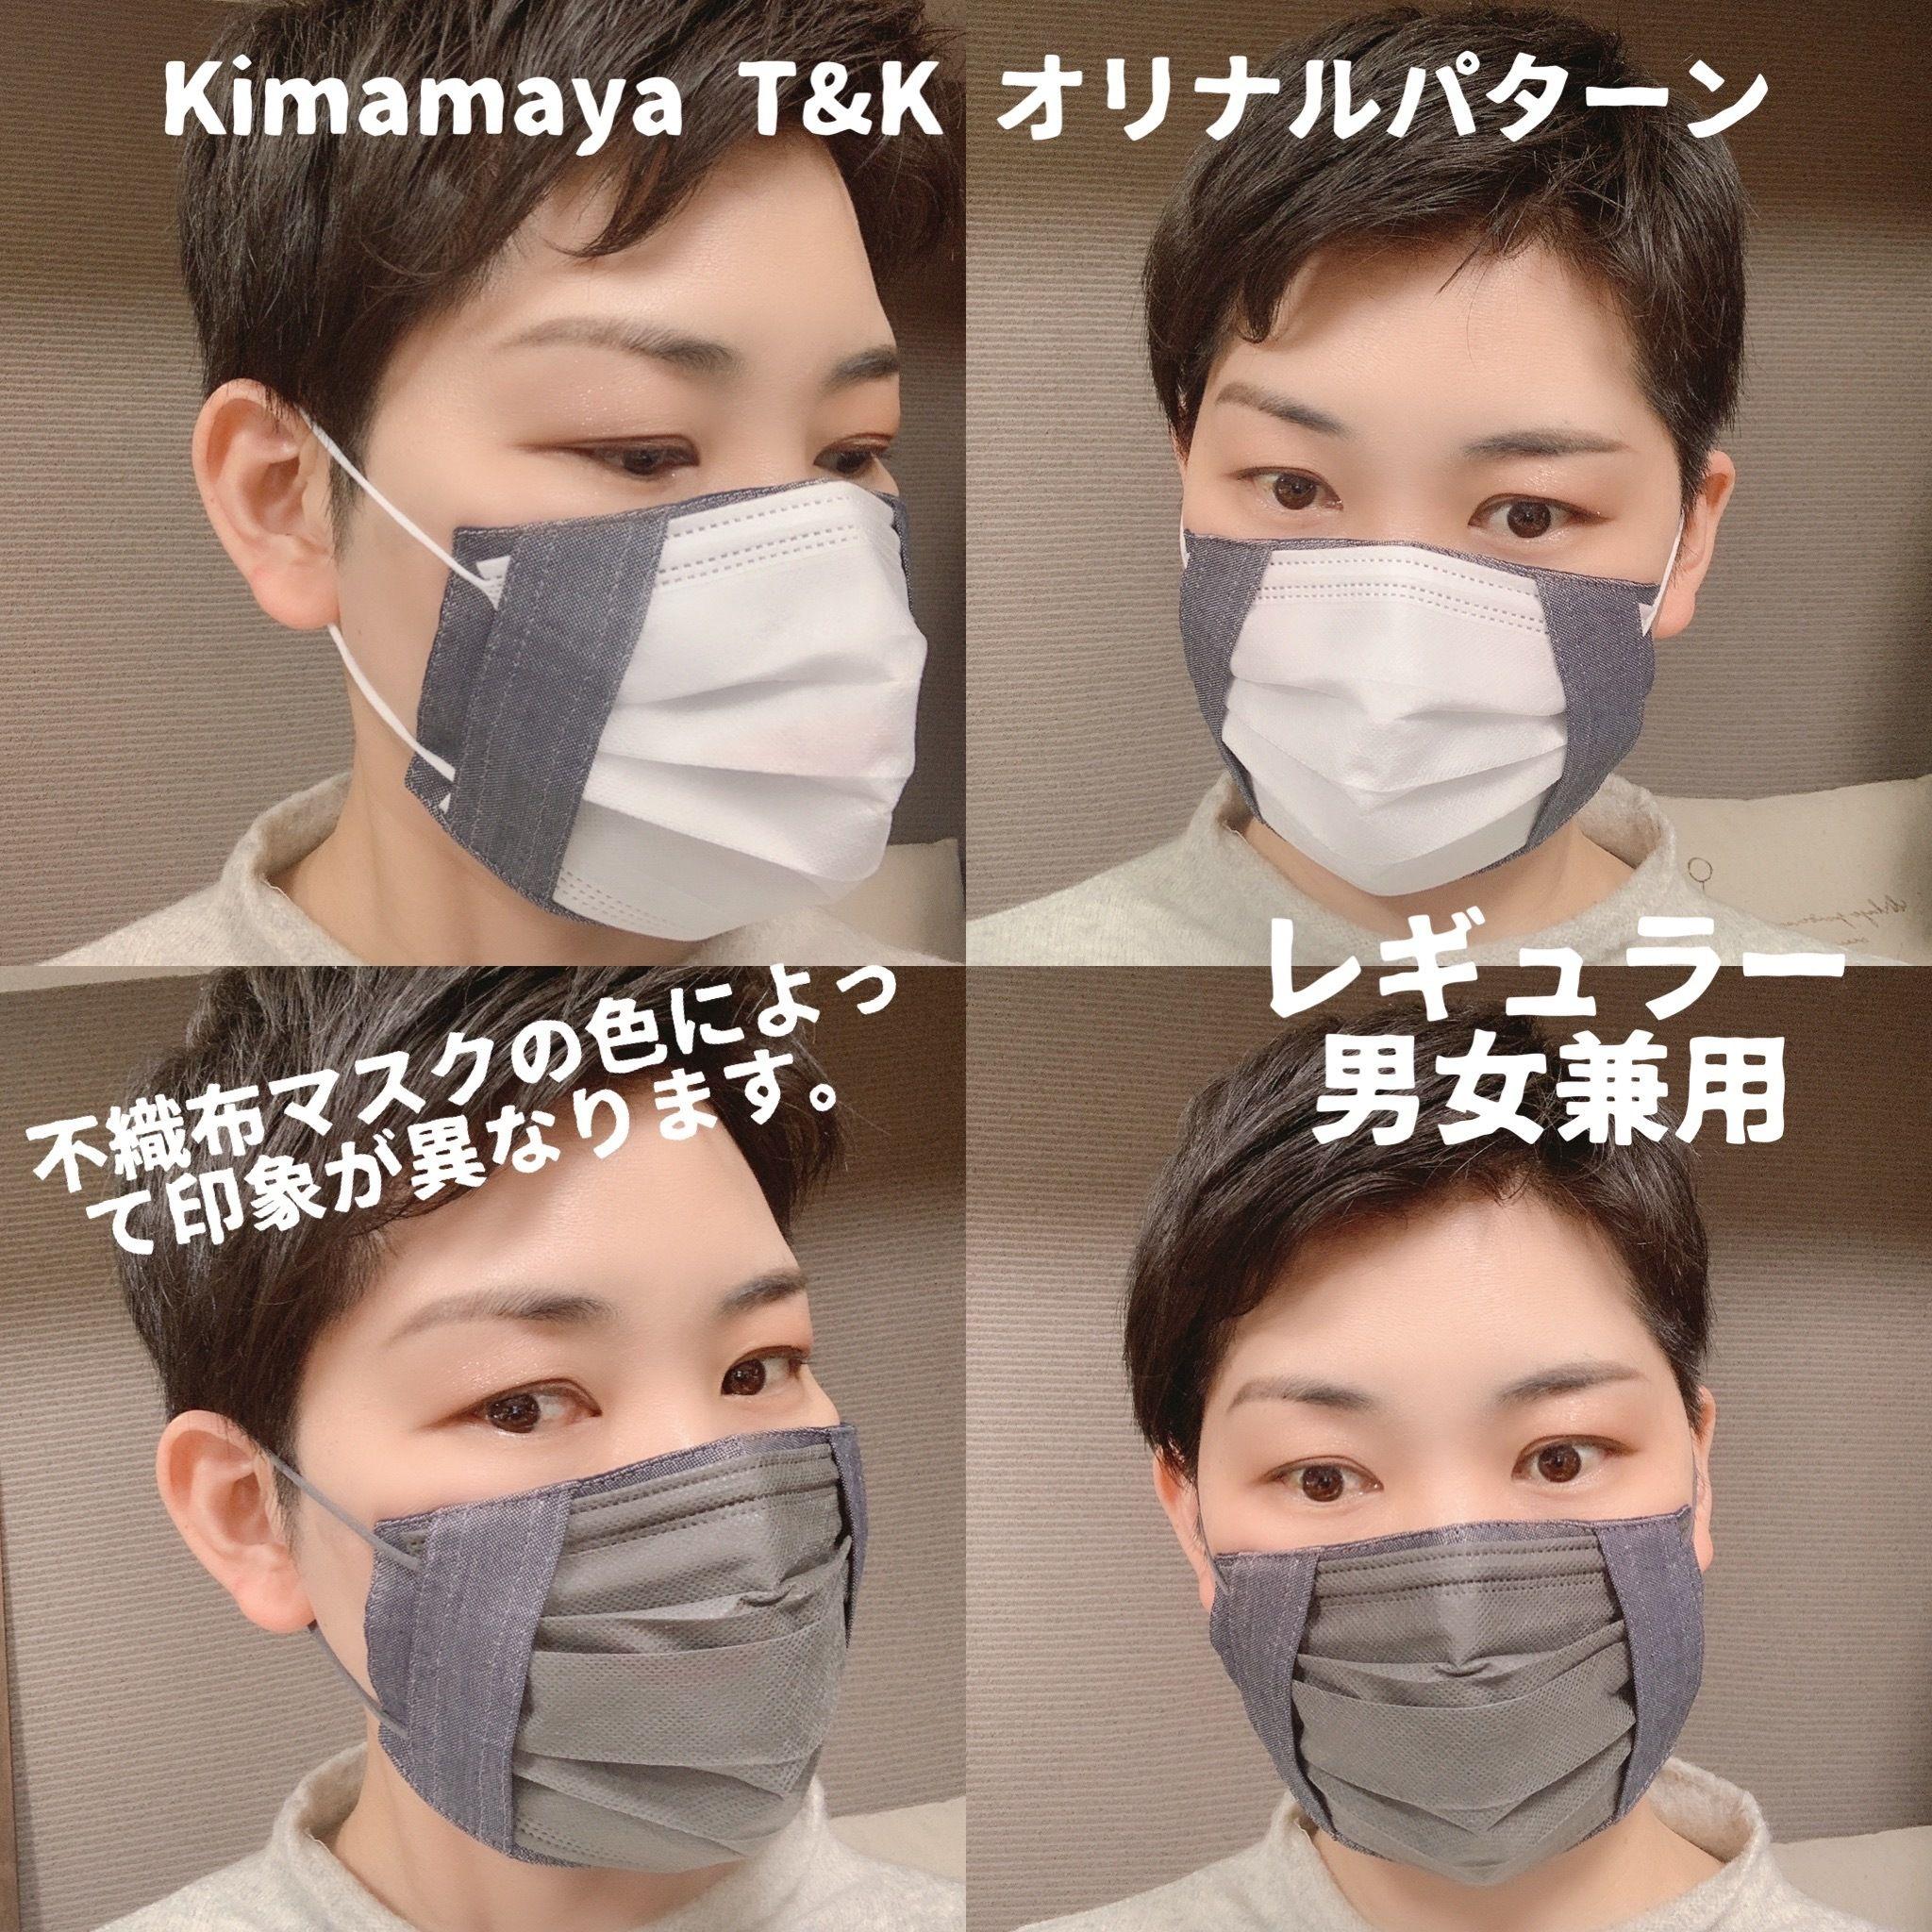 新作マスクカバーデビュー!